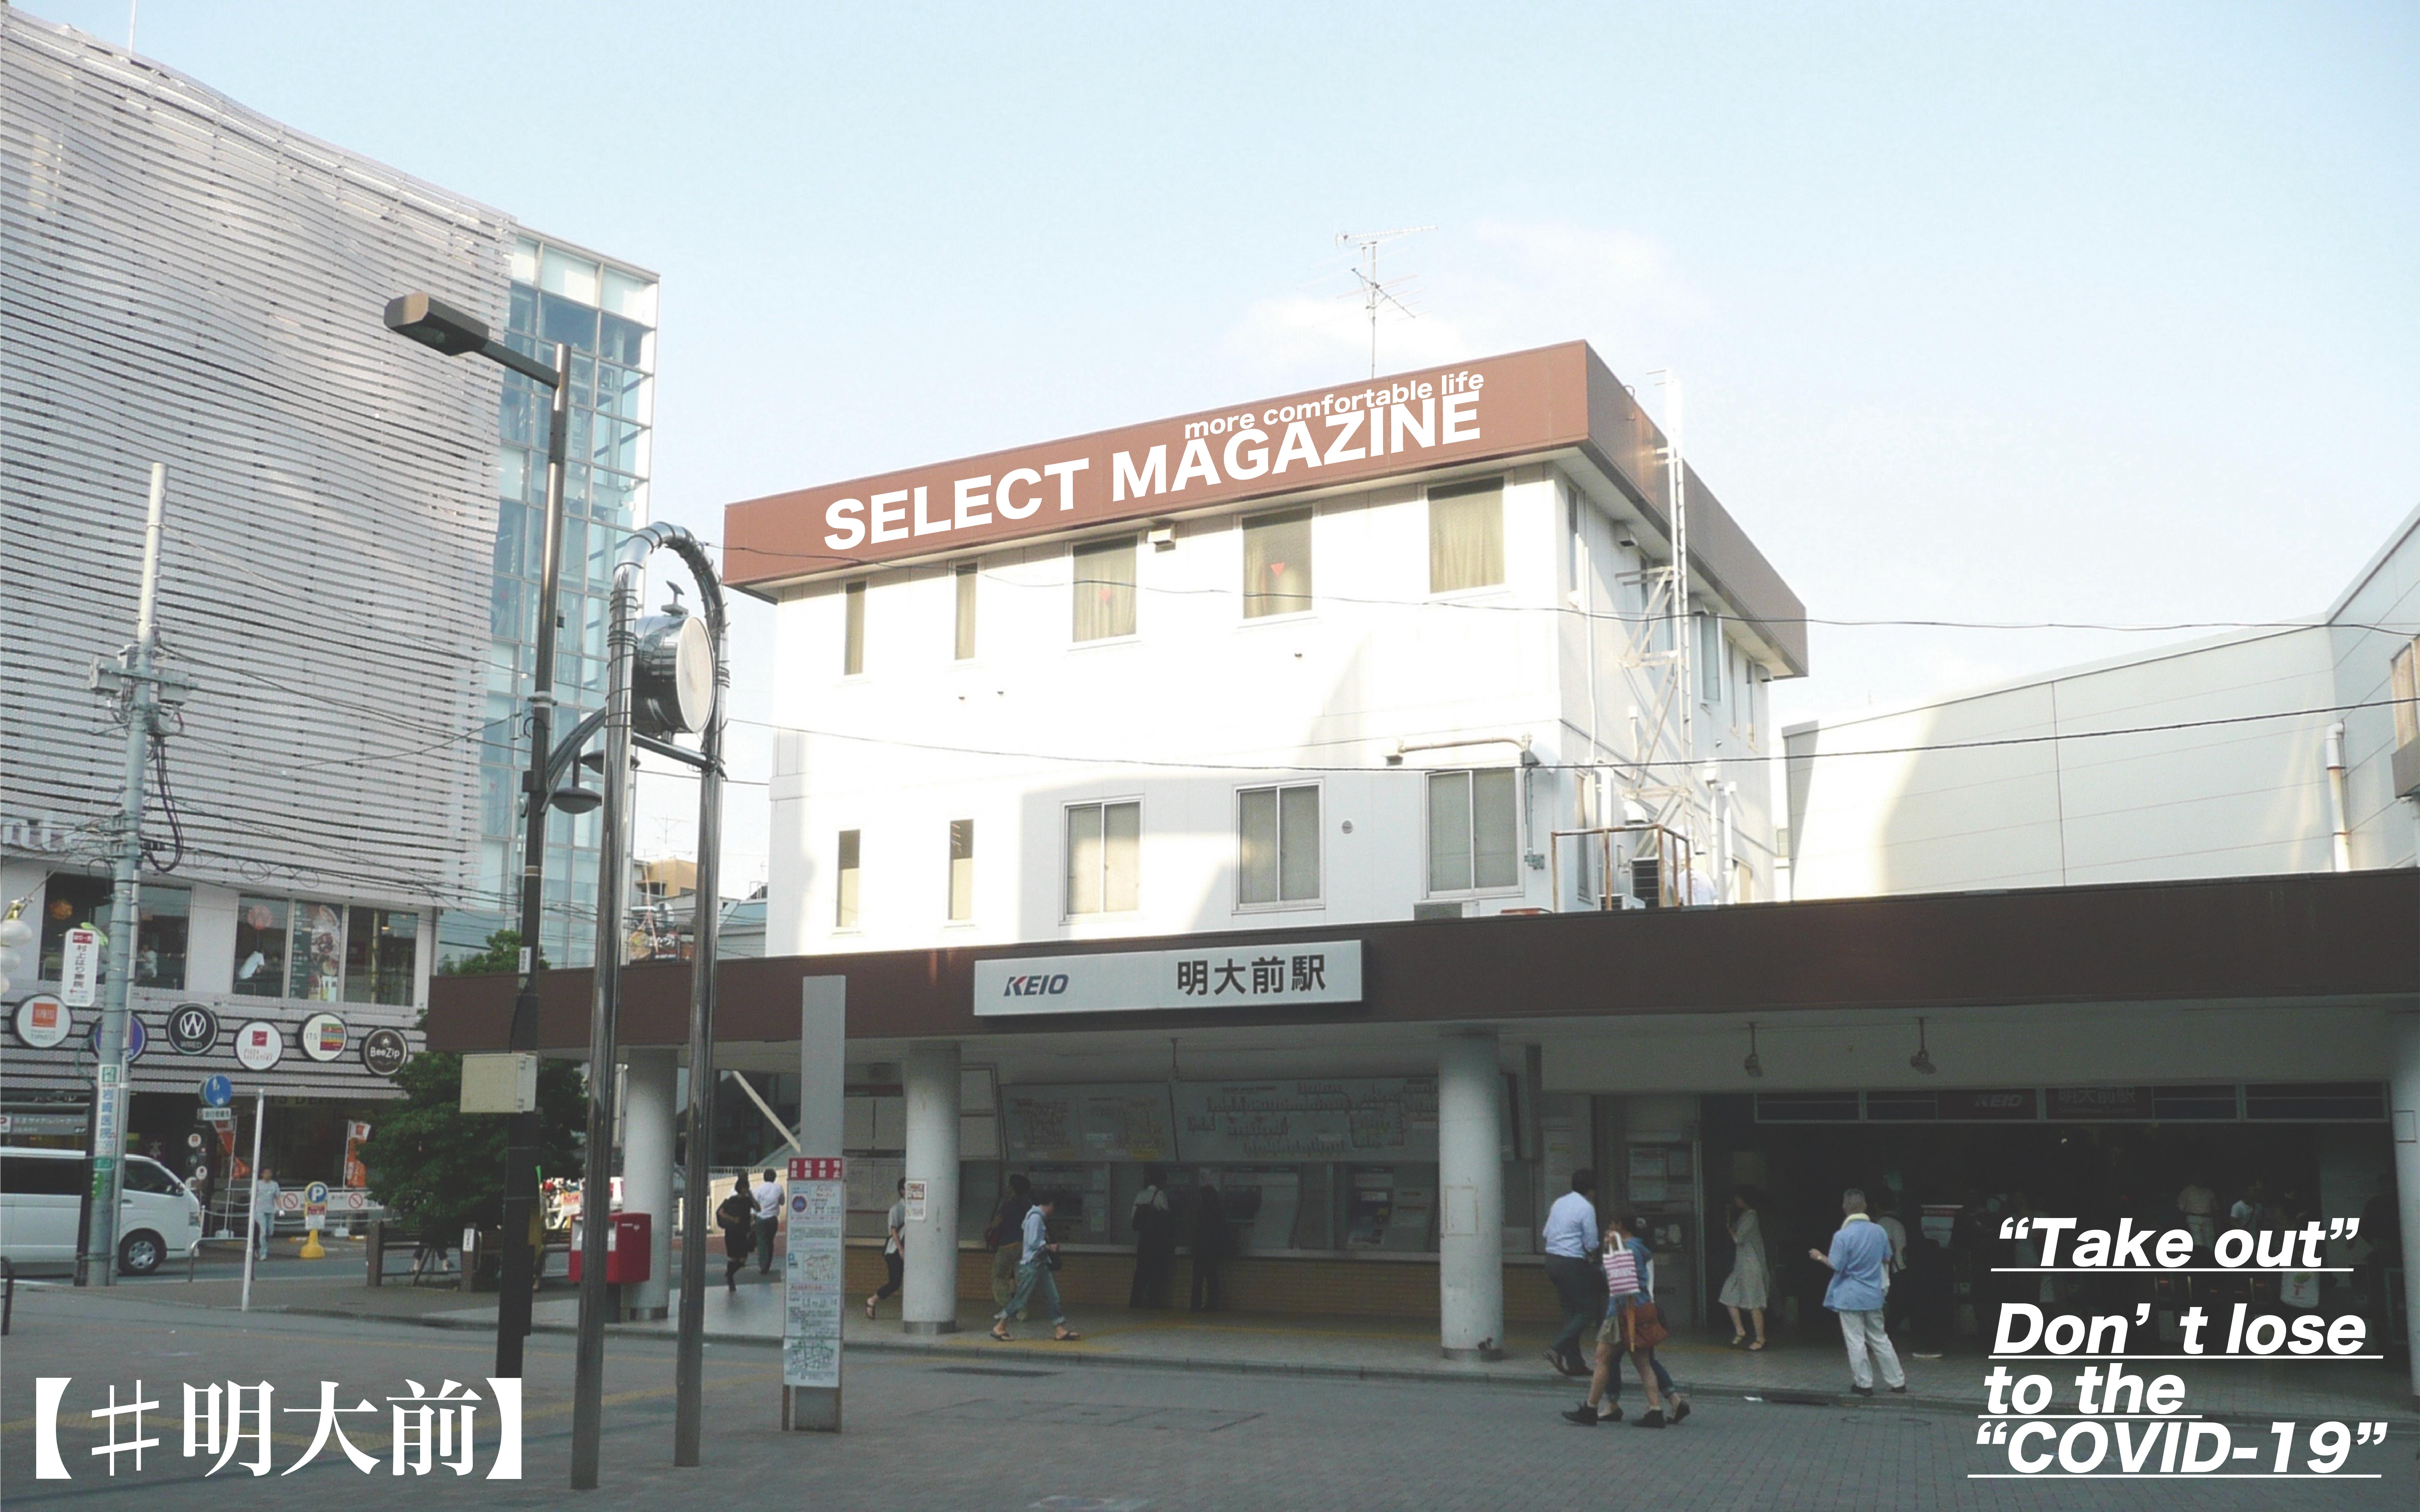 【コロナ対策】明大前でテイクアウトできるお店一覧